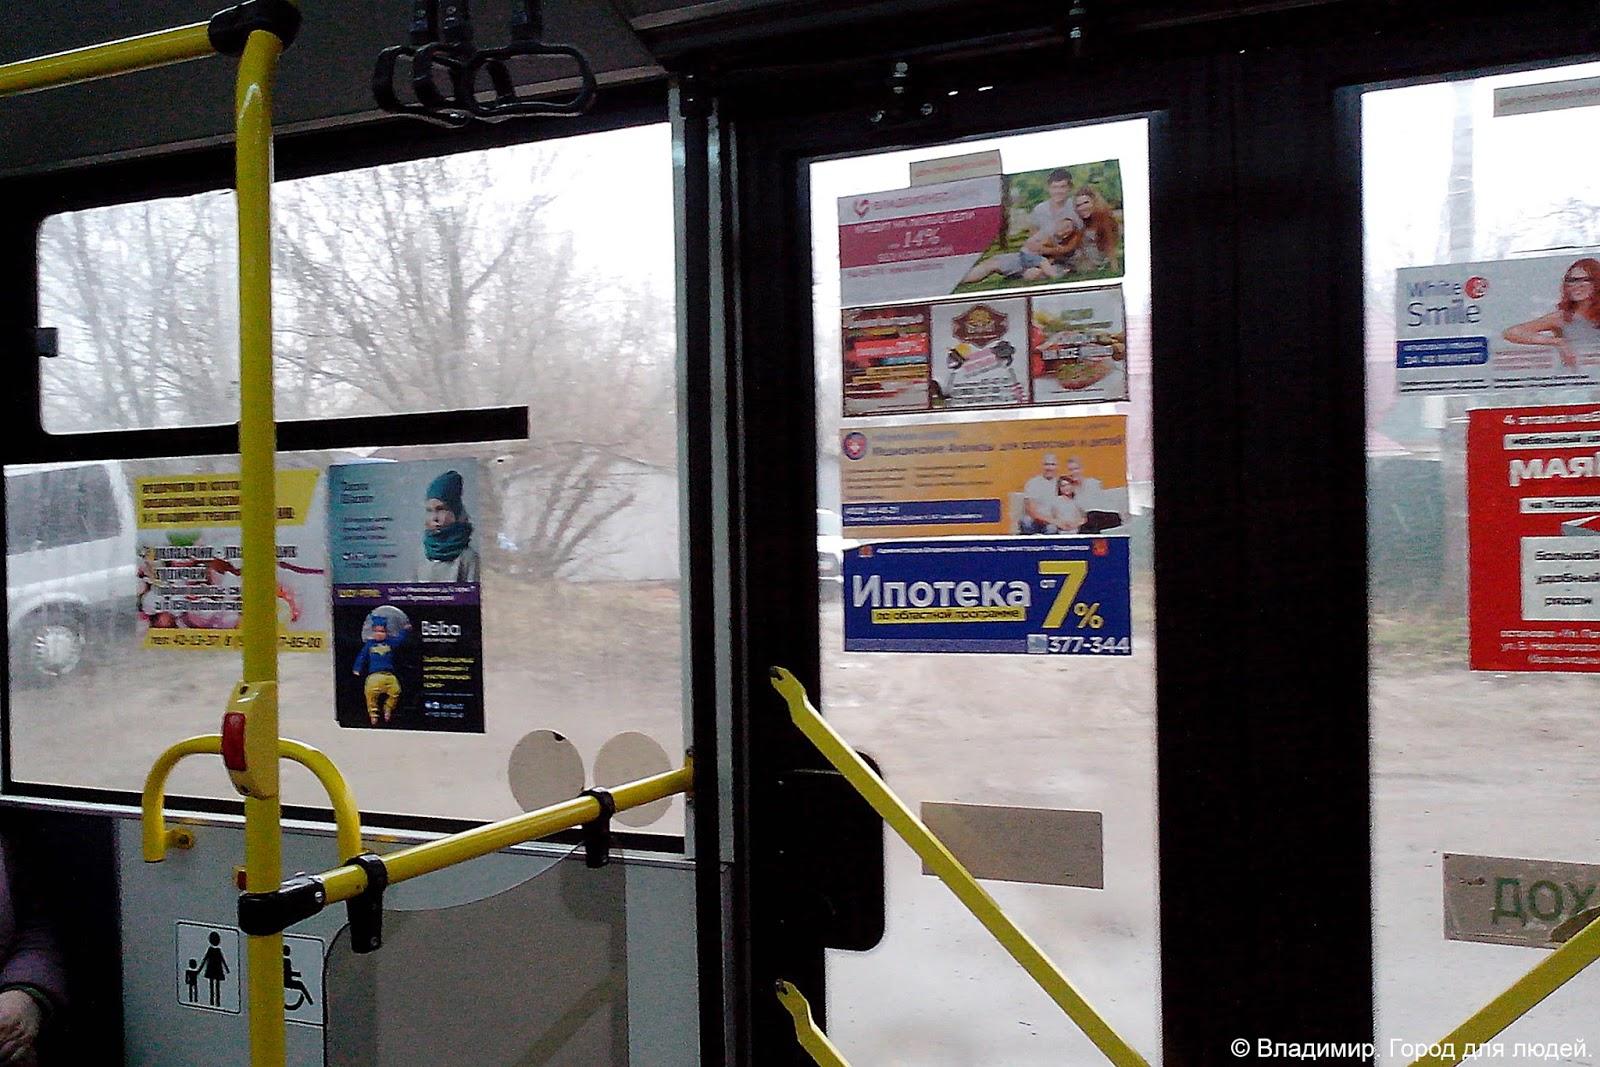 Инструкция о размещении и распространении наружной рекламы на транспортном средстве